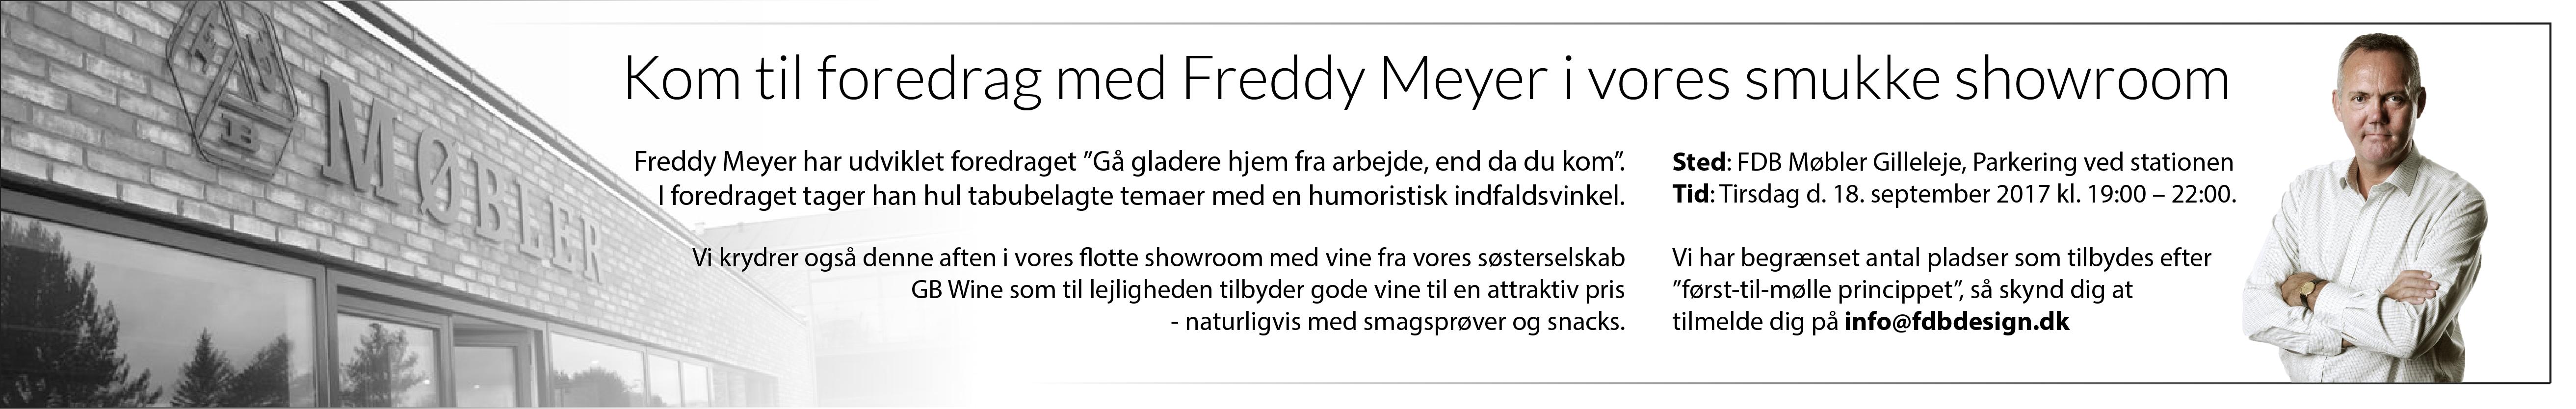 Foredrag med Freddy Meyer